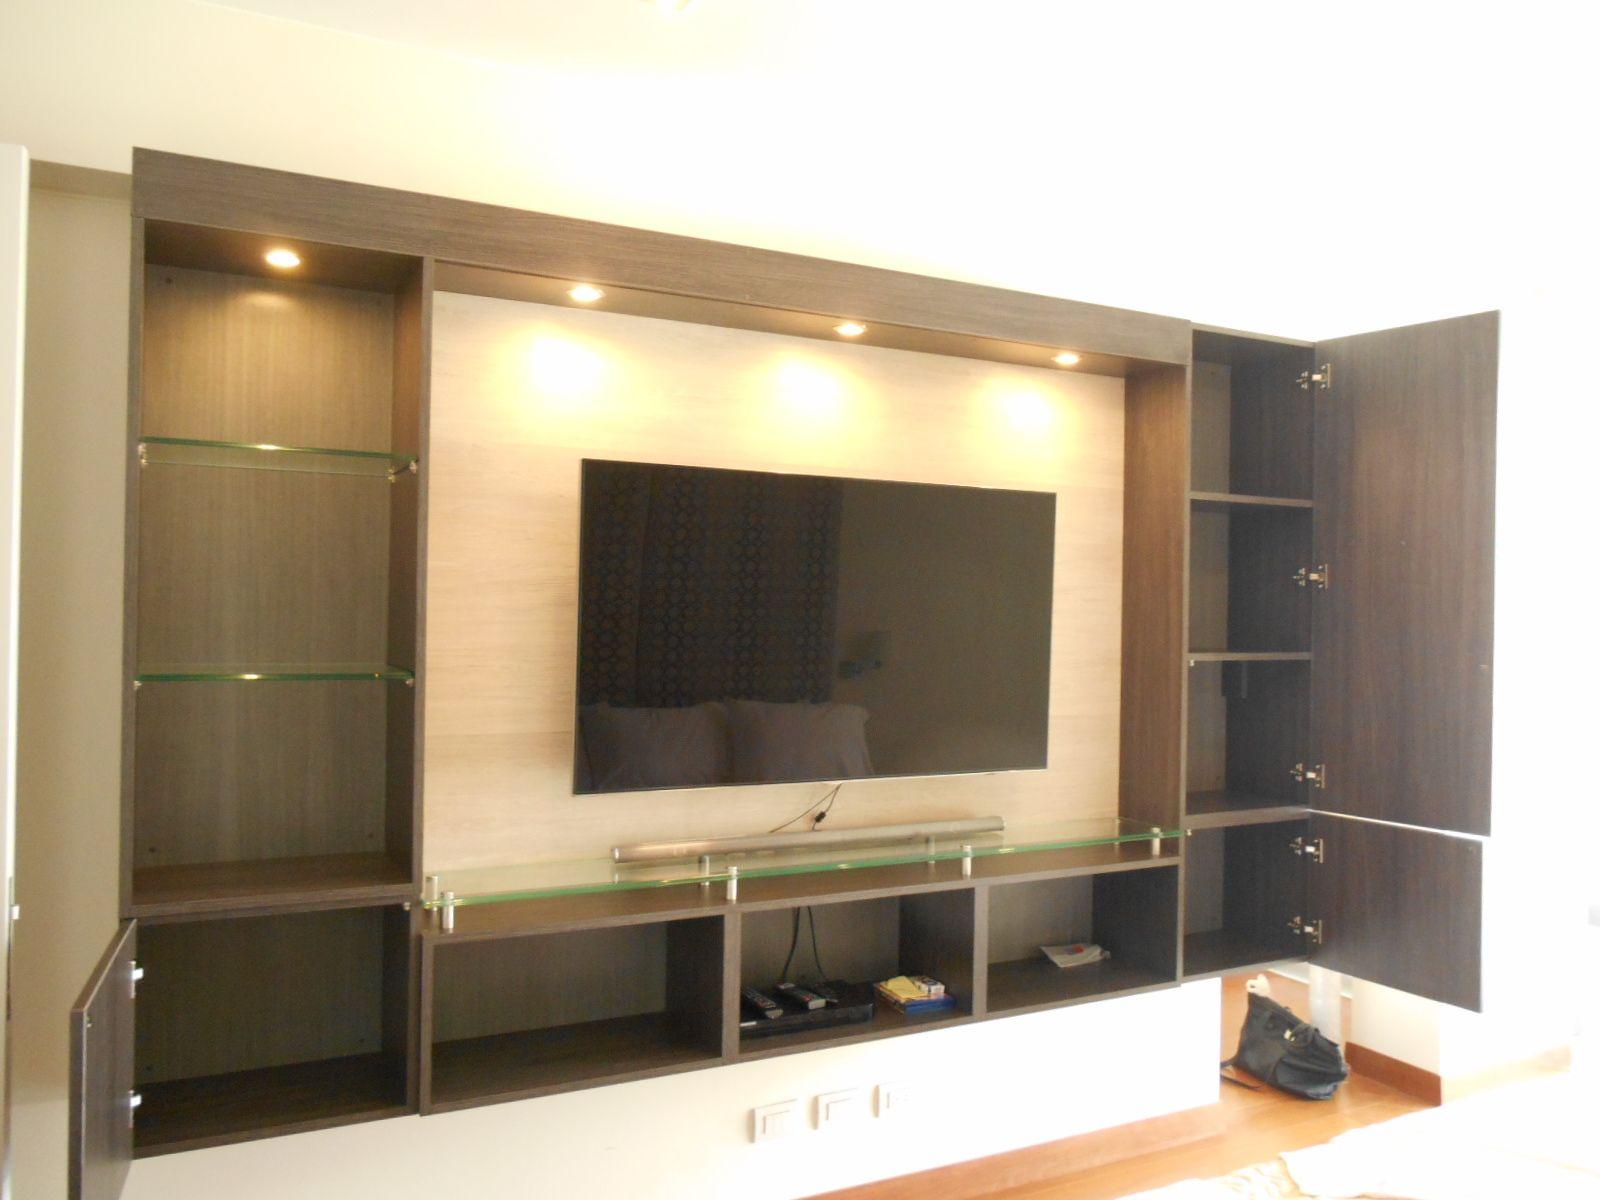 Tv en dormitorios buscar con google como poner tv - Mueble tv dormitorio ...